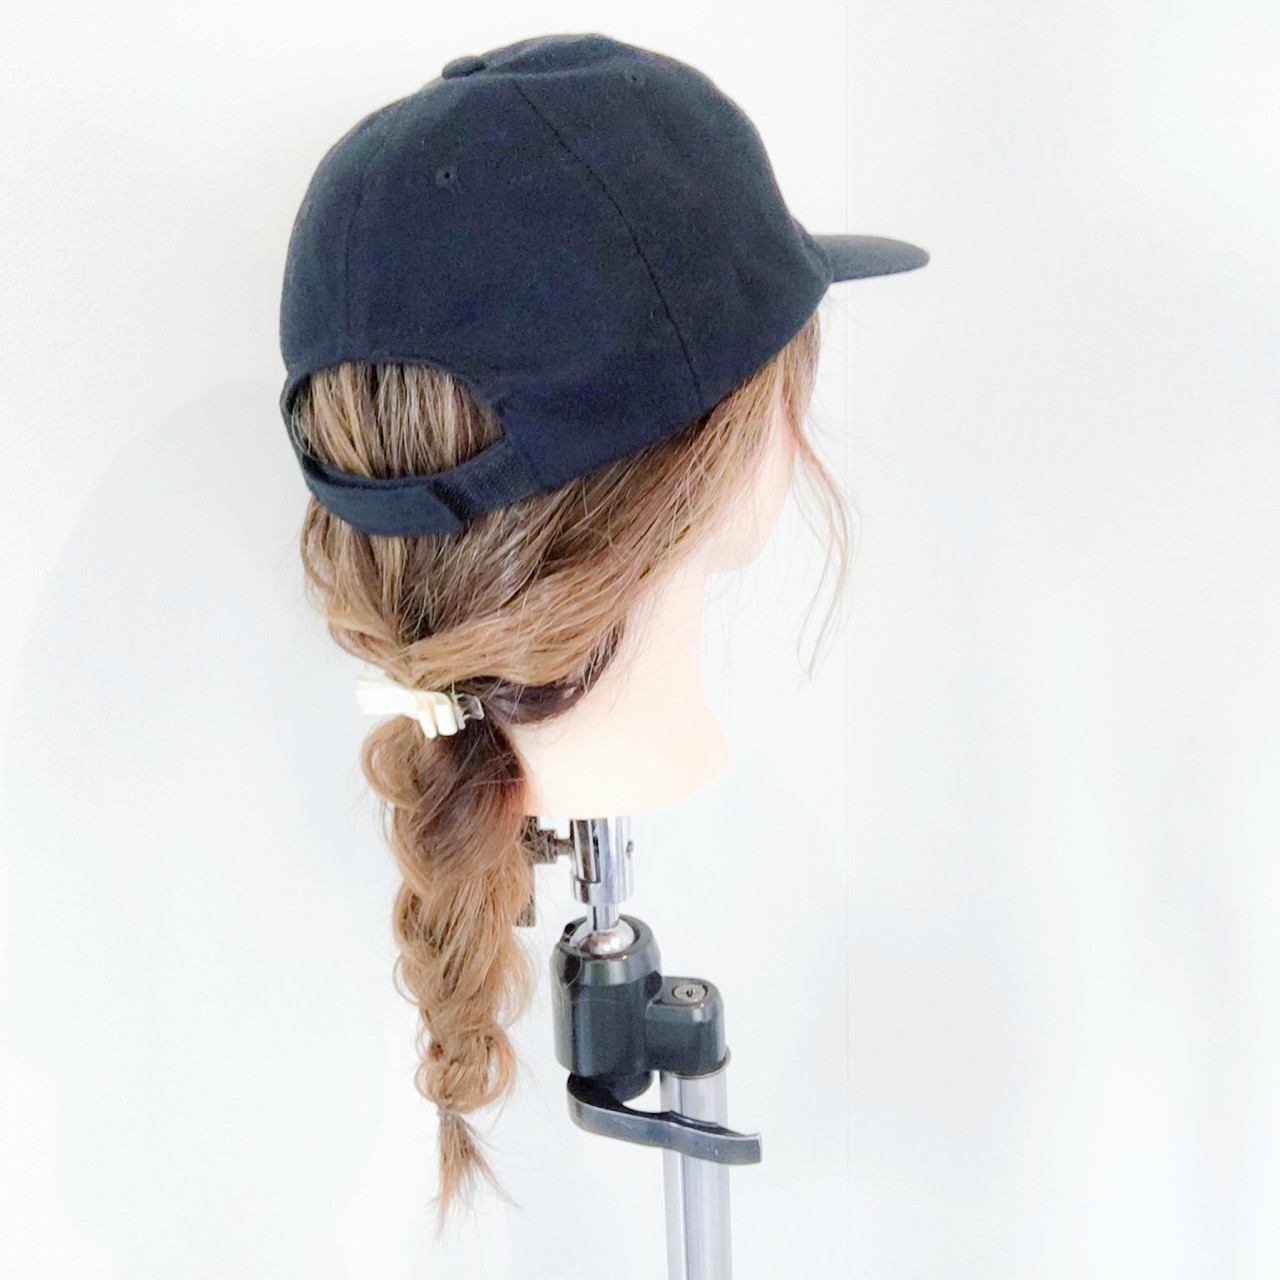 ヘアアレンジ アウトドア セミロング フェミニン ヘアスタイルや髪型の写真・画像